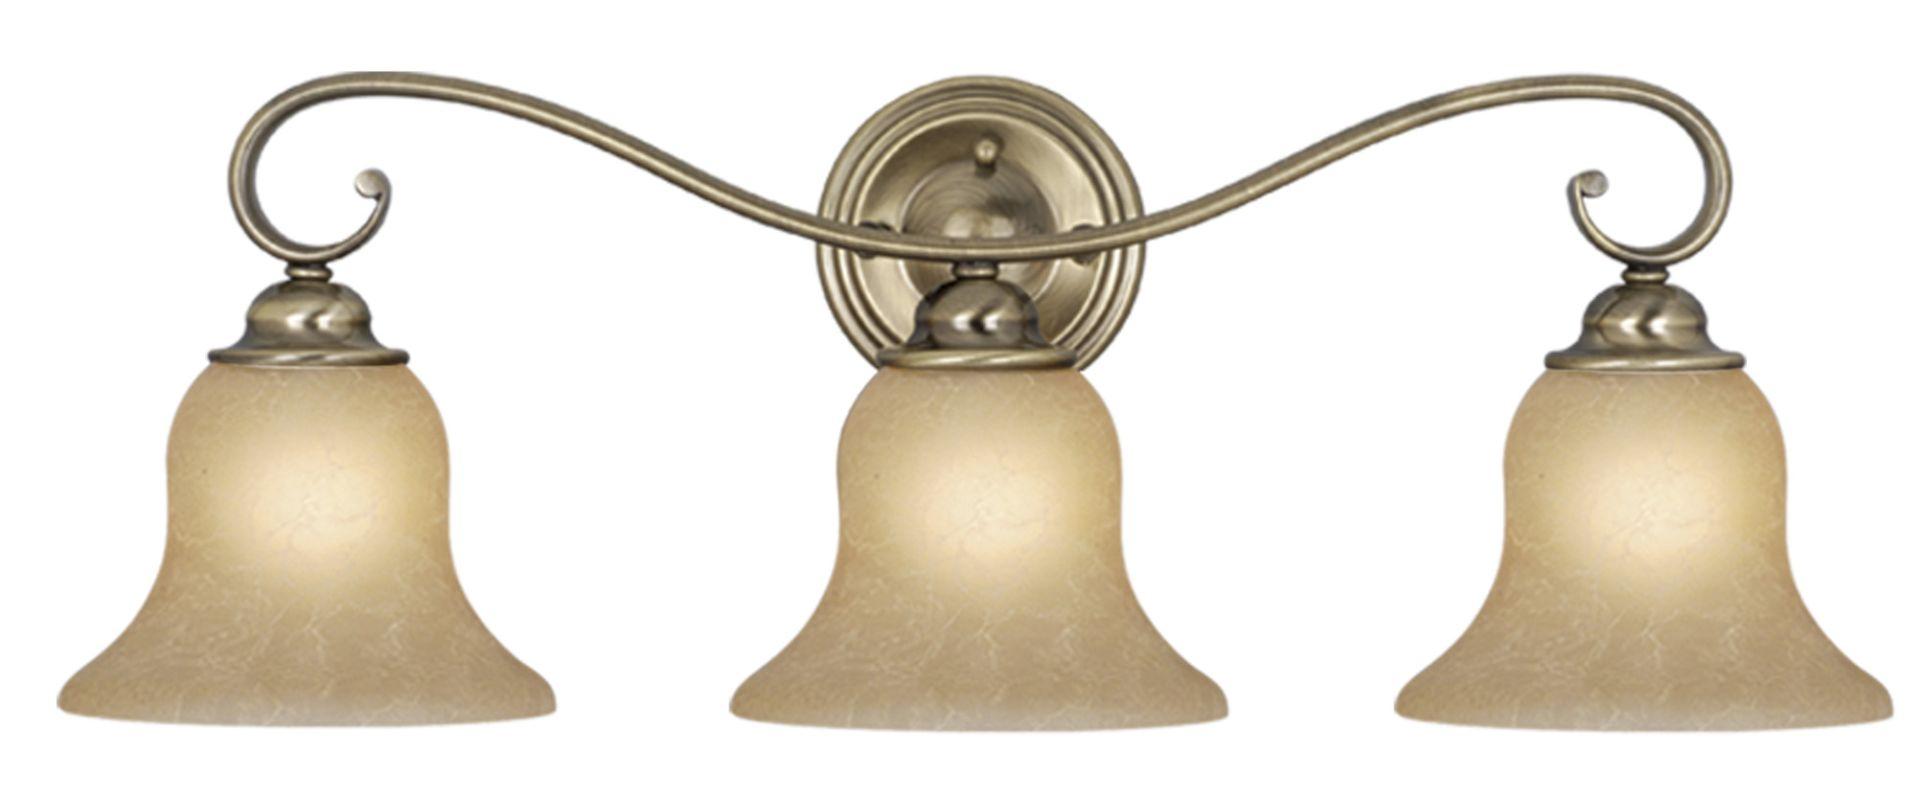 Vaxcel Lighting VL35473 Monrovia 3 Light Bathroom Vanity Light - 26